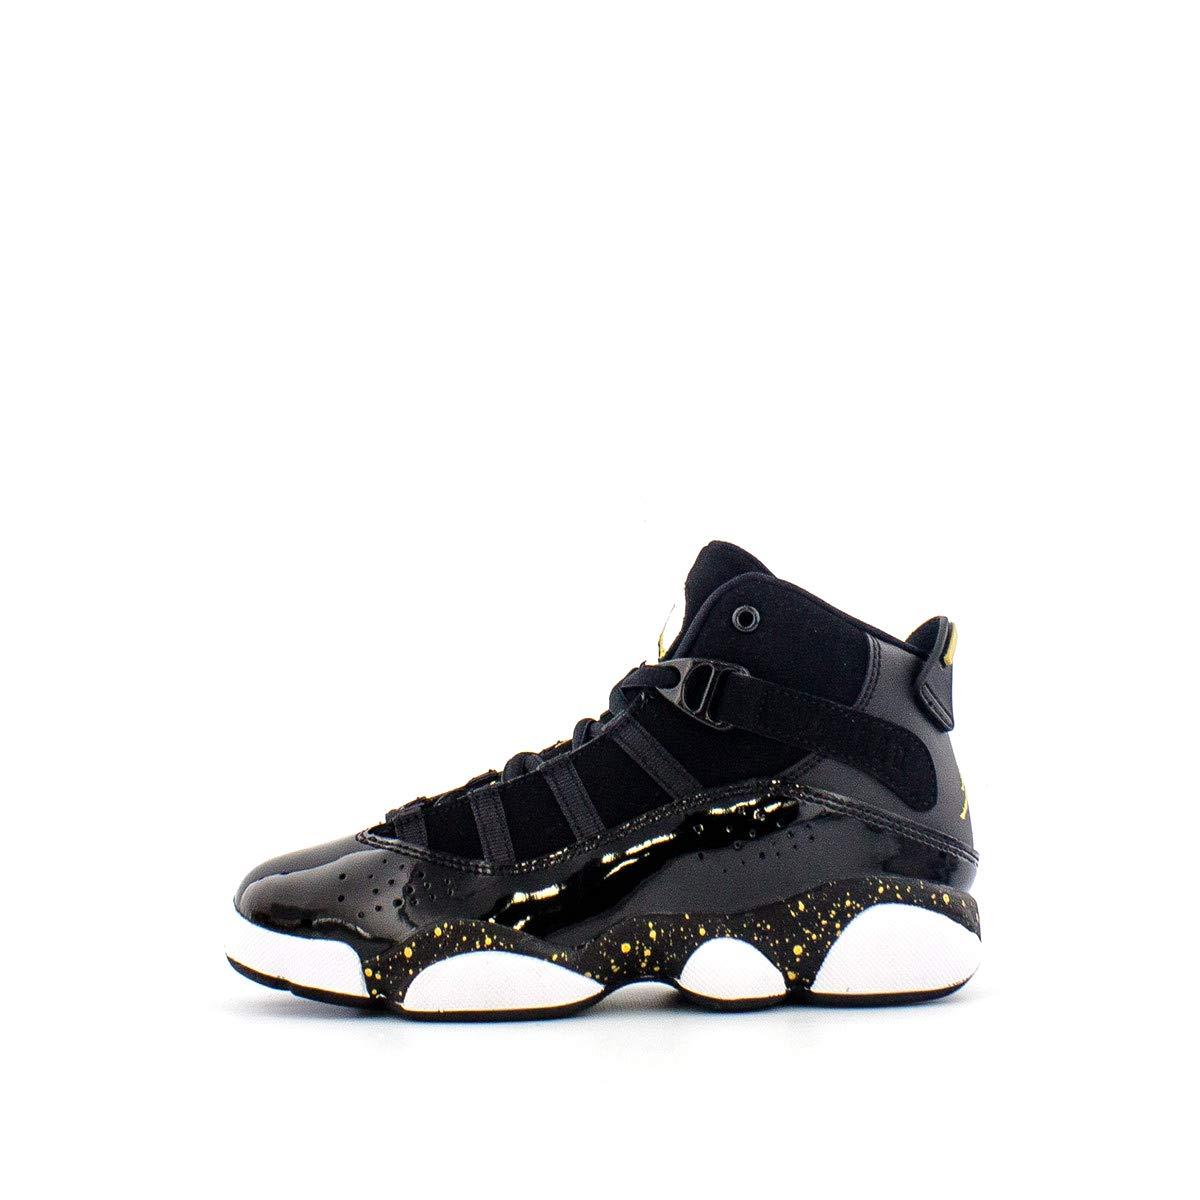 uk availability 10260 0e49a Amazon.com | Jordan 6 Rings Black/Metallic Gold-White (PS ...